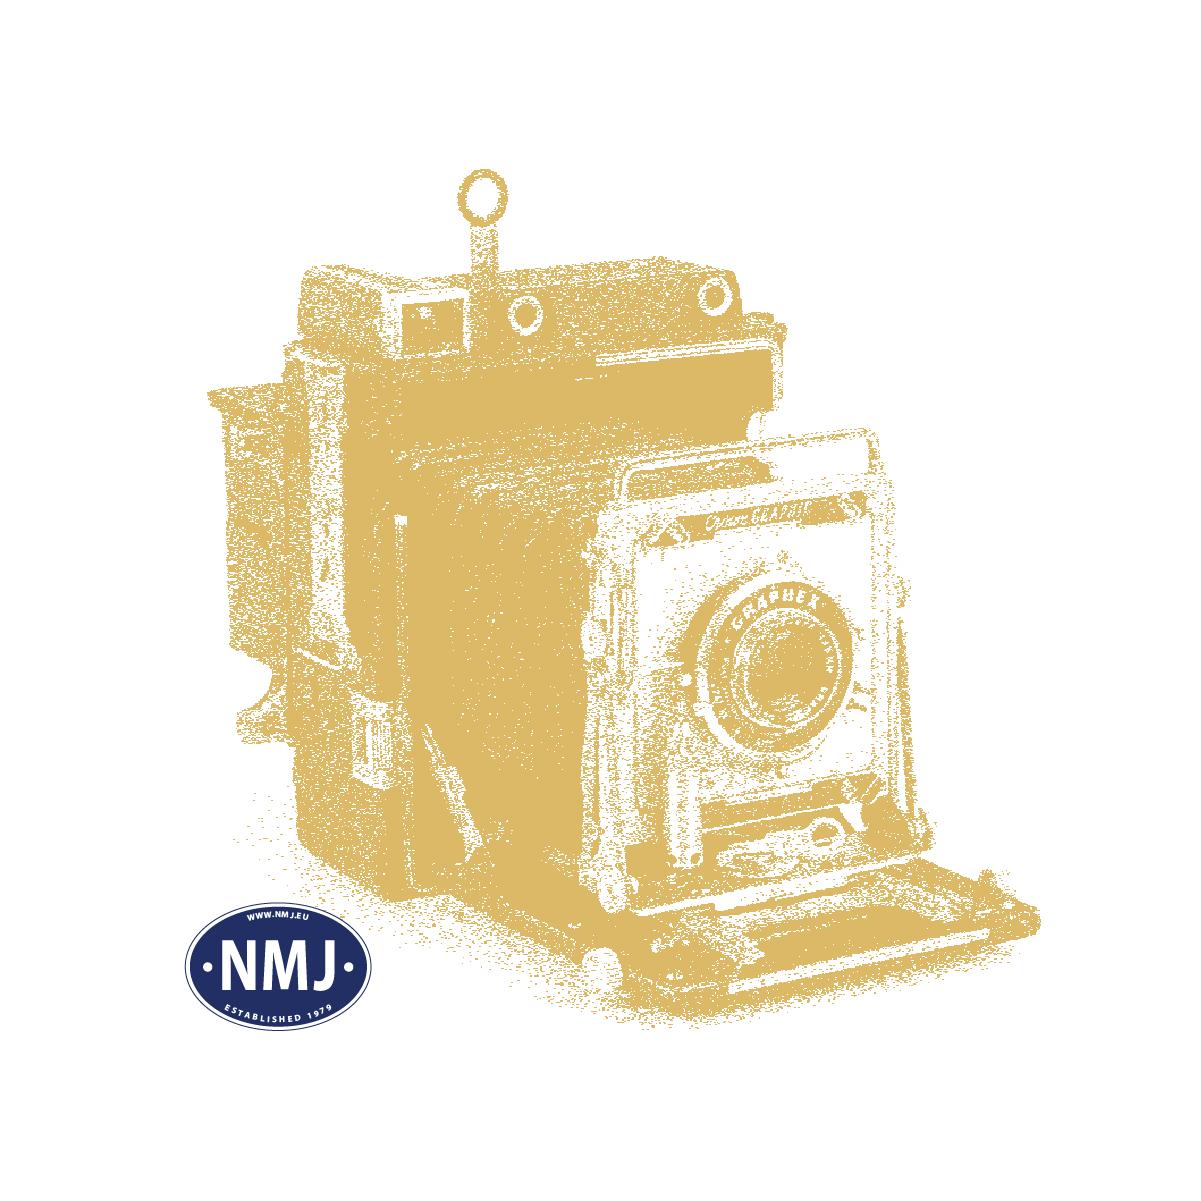 NMJB1113 - NMJ Superline Nohab Gitter 2 Stück